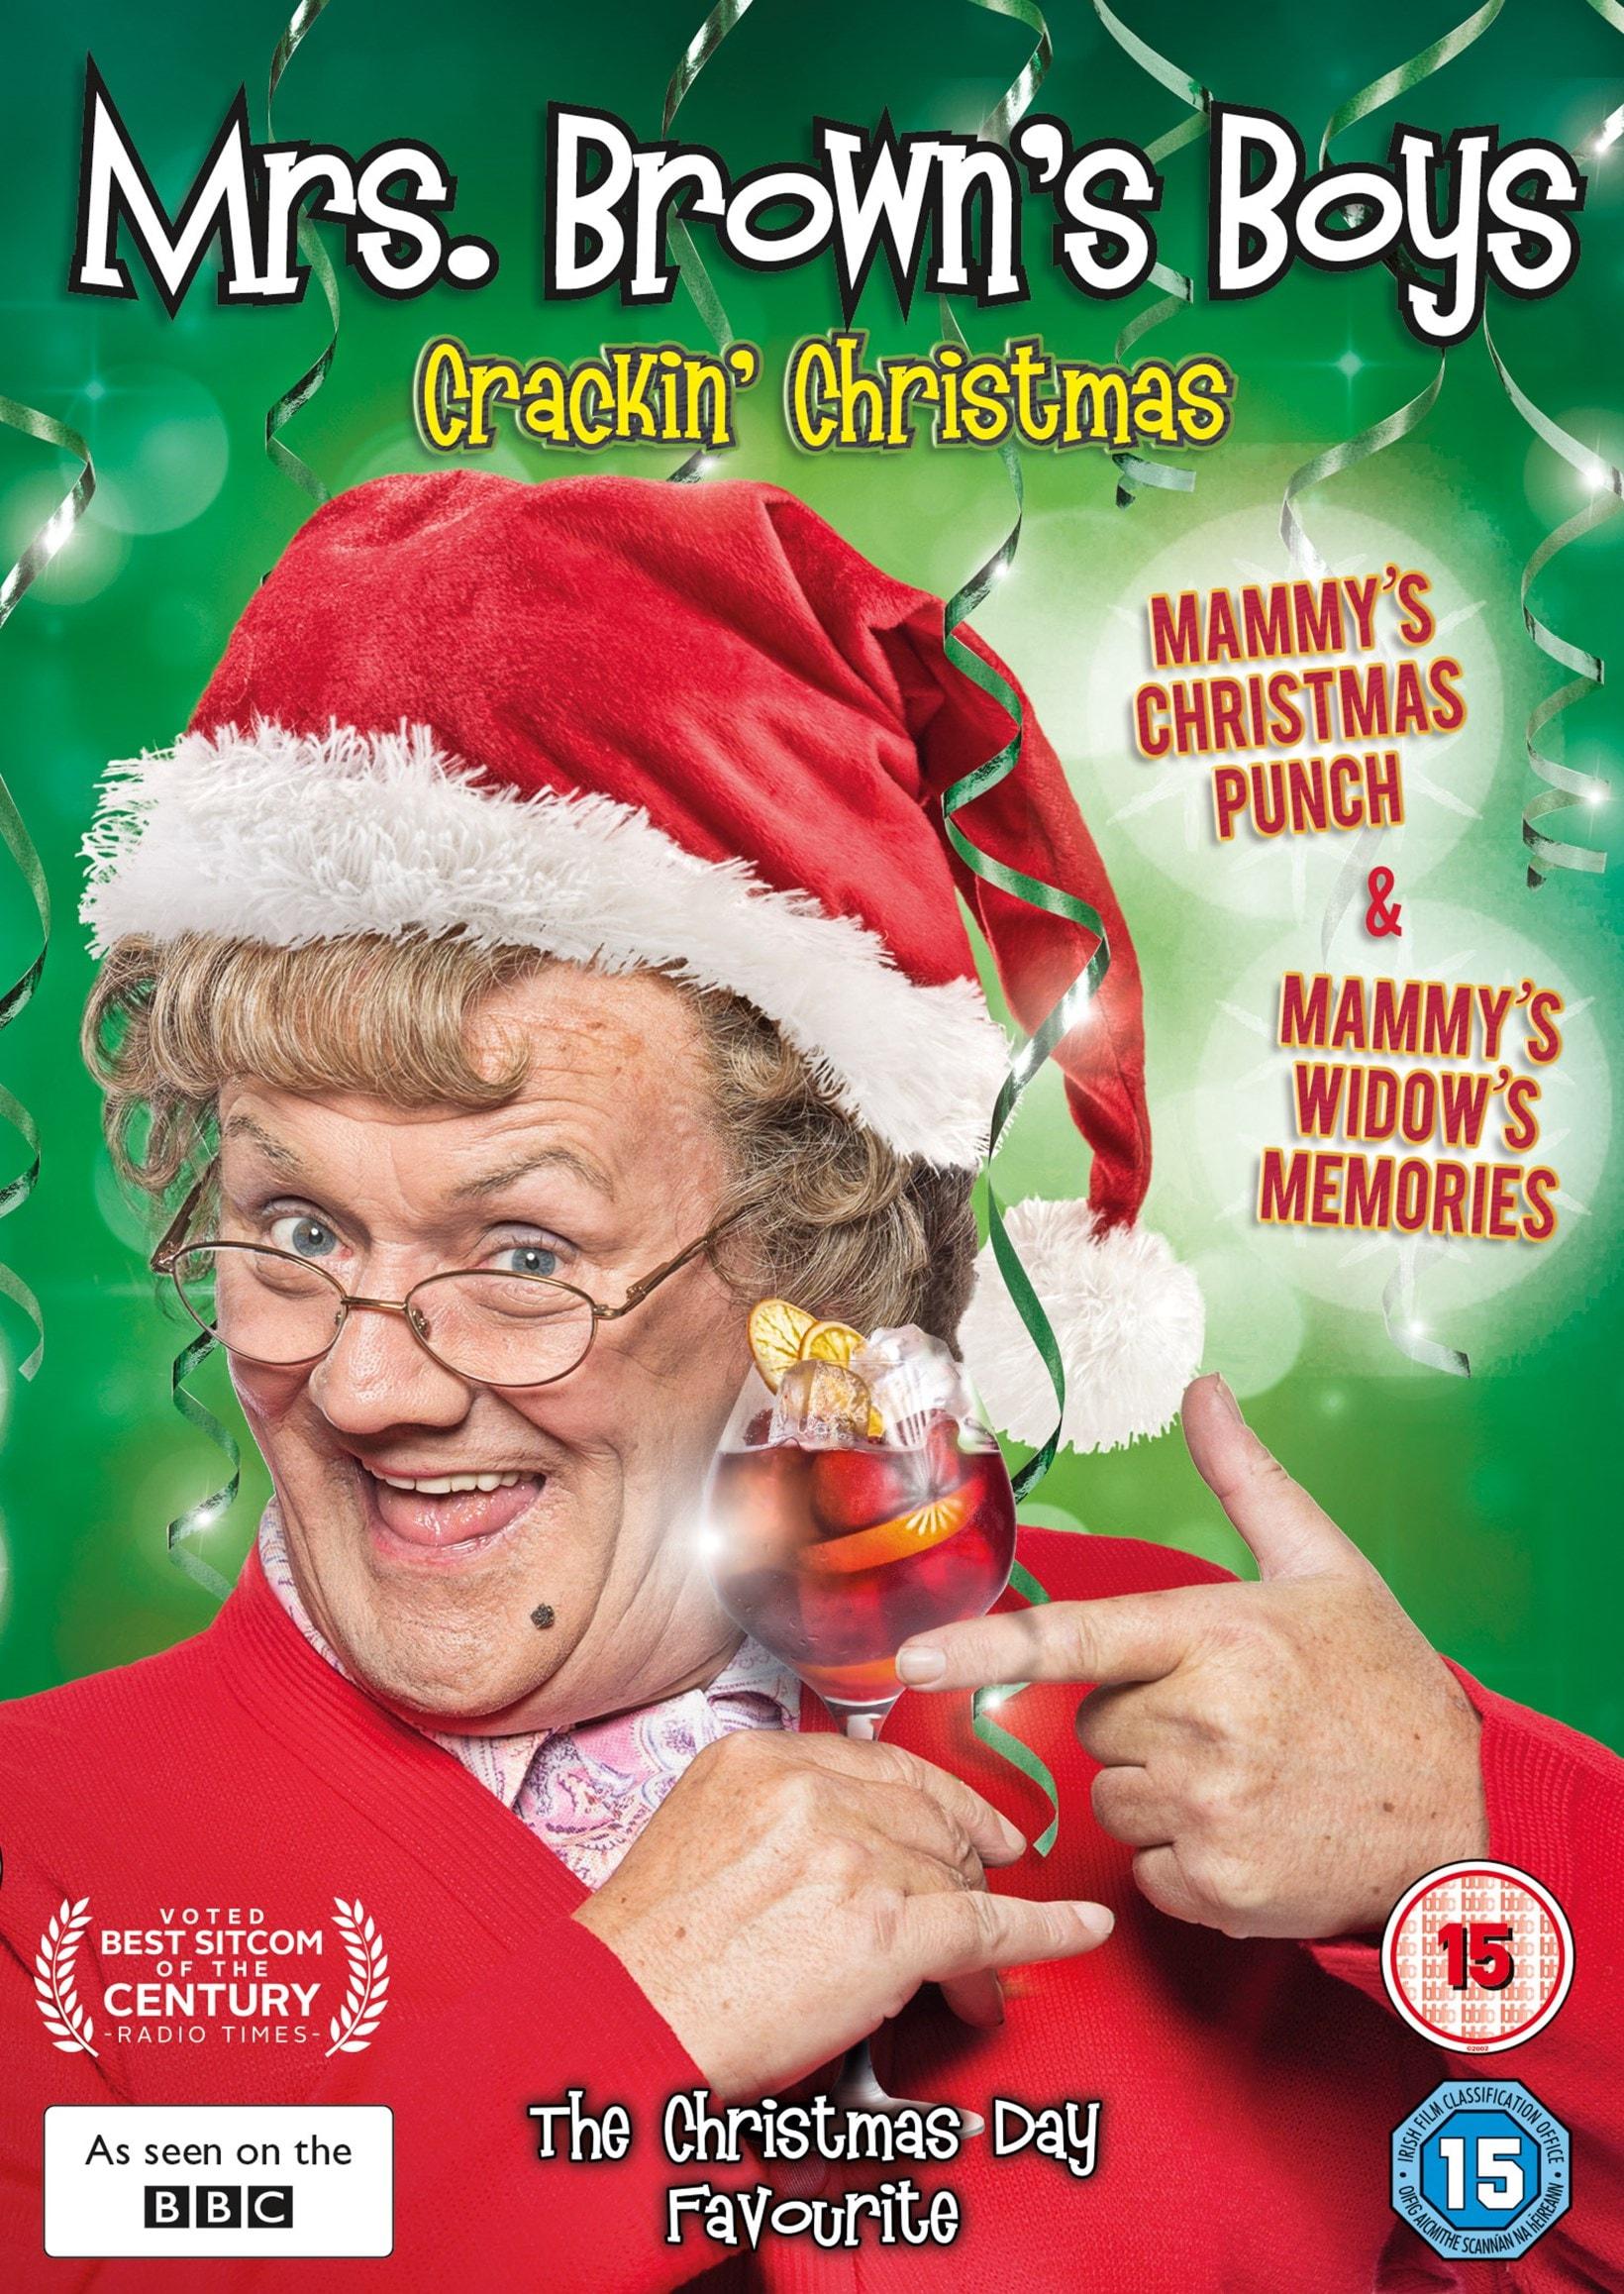 Mrs Brown's Boys: Crackin' Christmas